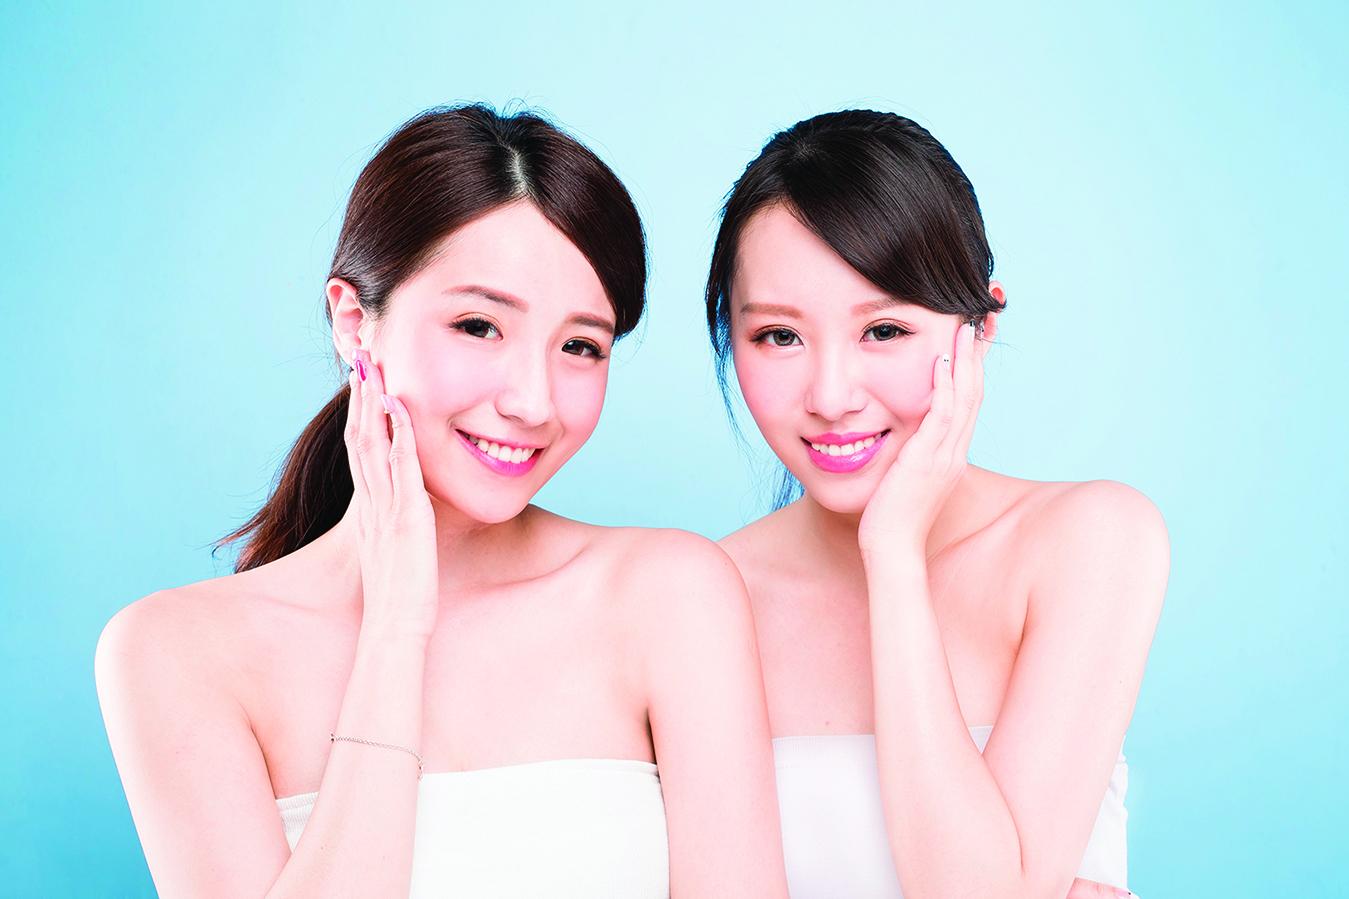 嘗試韓妞的保養步驟,讓你保有清爽水嫩的肌膚。